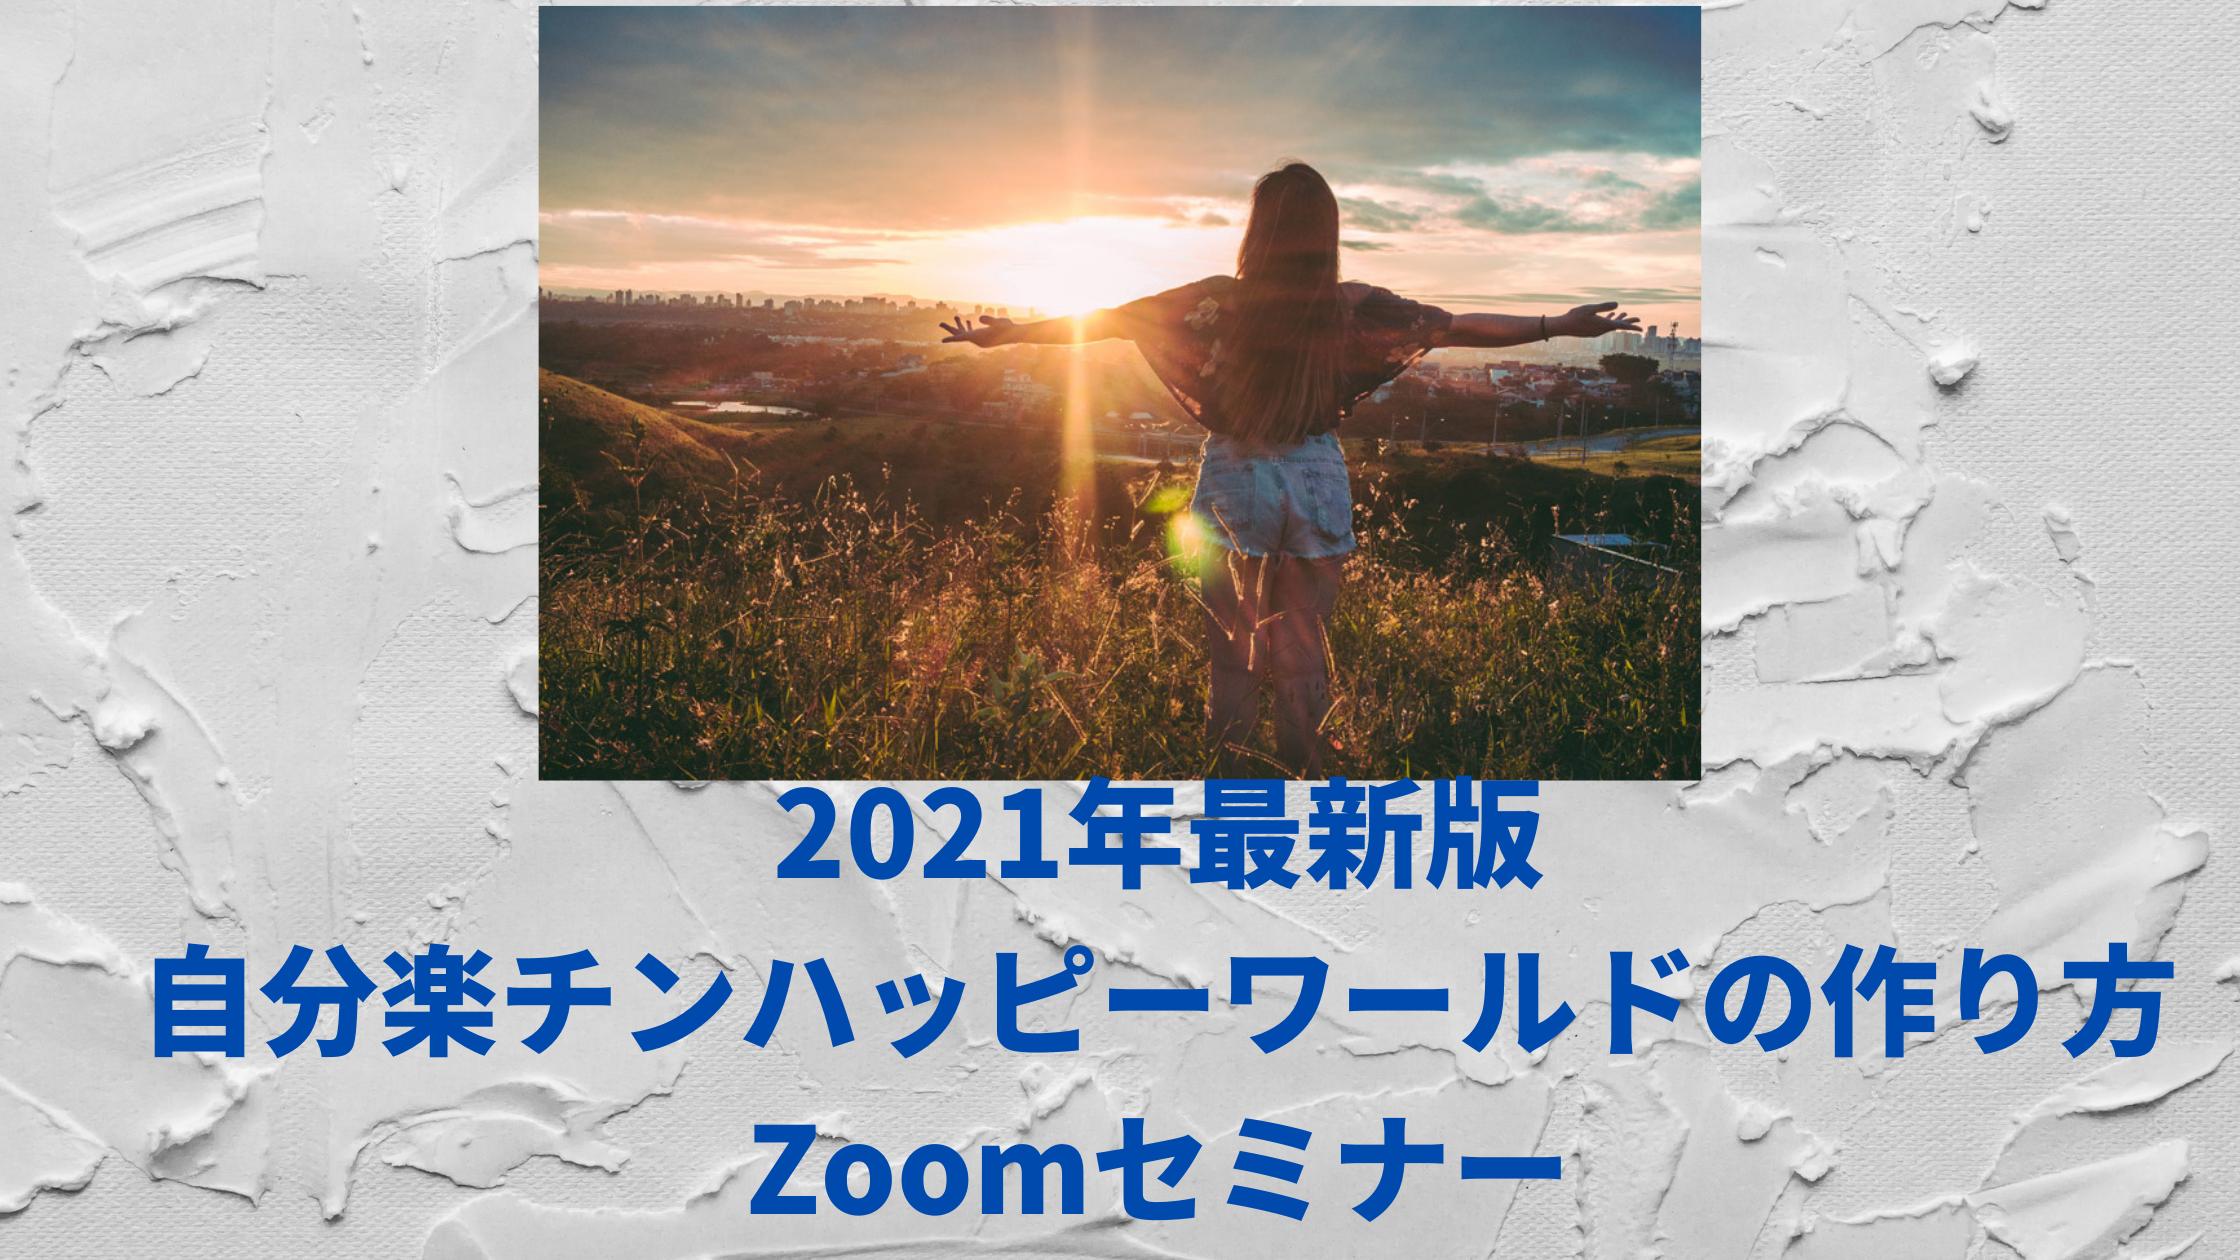 27601_othhmjvjy2exntkzm